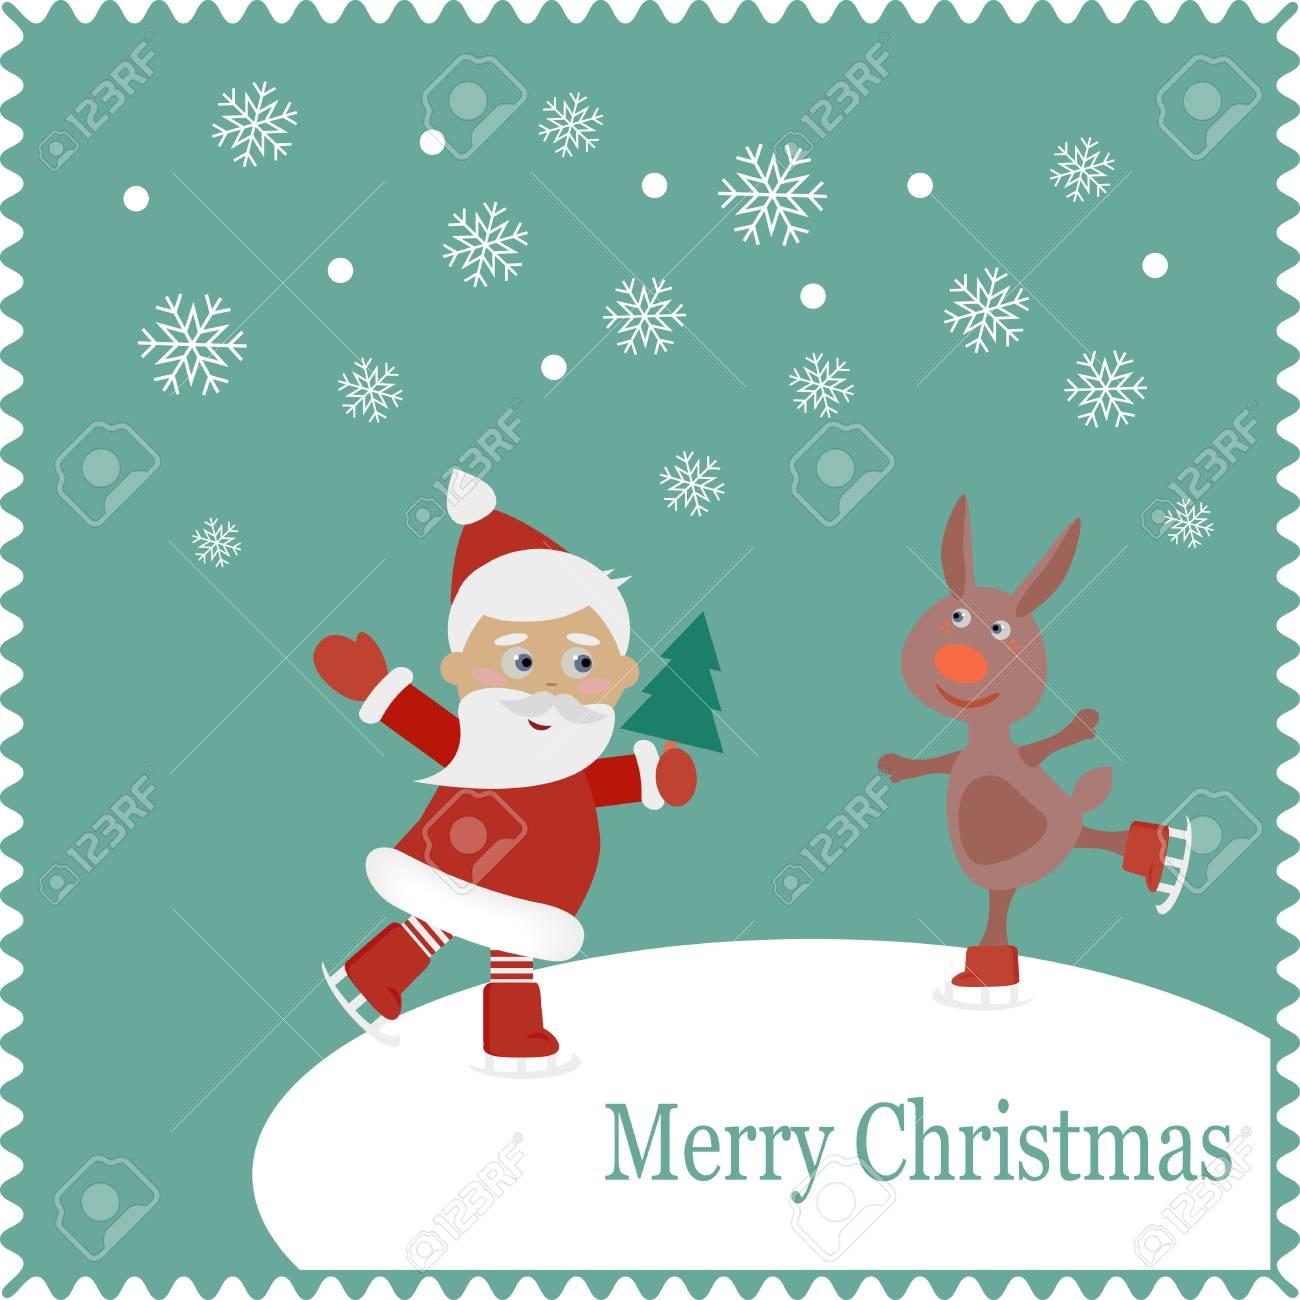 7a1d2f13a576 Banque d images - Père Noël et patins de lapin sur la neige. Noël carte  mignonne de nouvelle année, joyeux noël